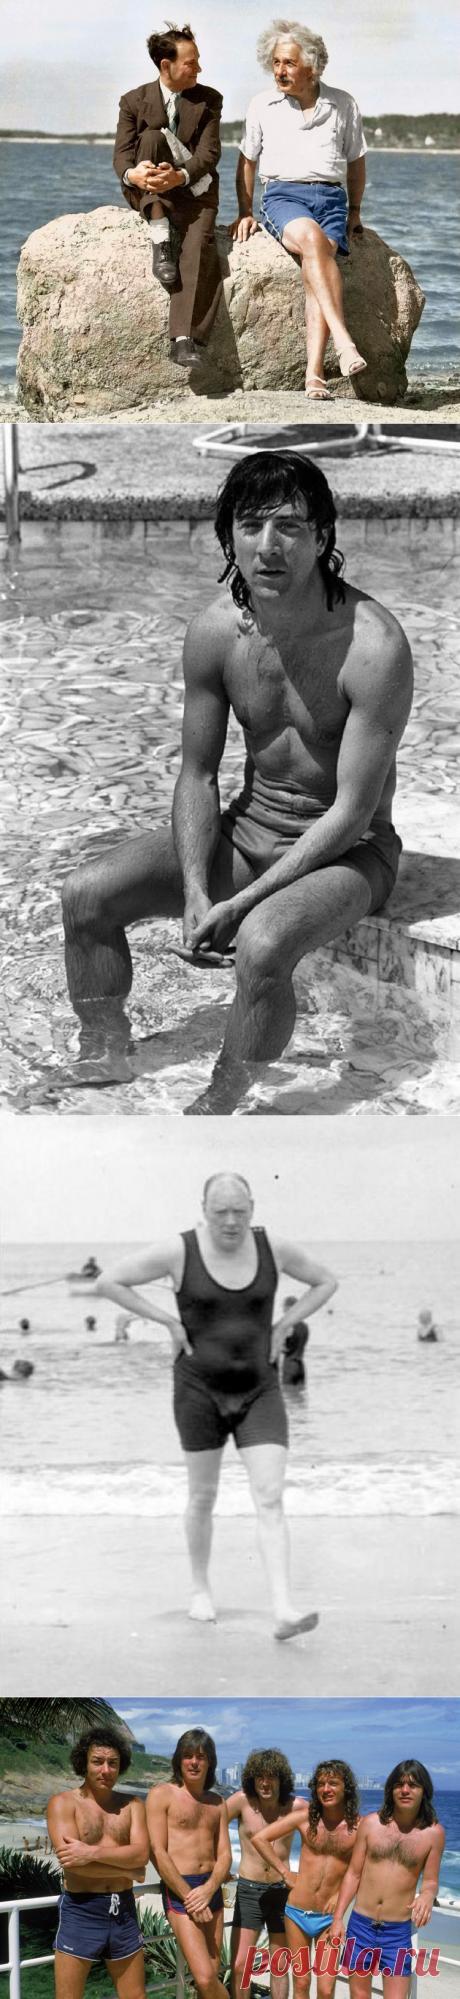 Кого только не встретишь на пляже: 30 фото знаменитостей в купальниках.